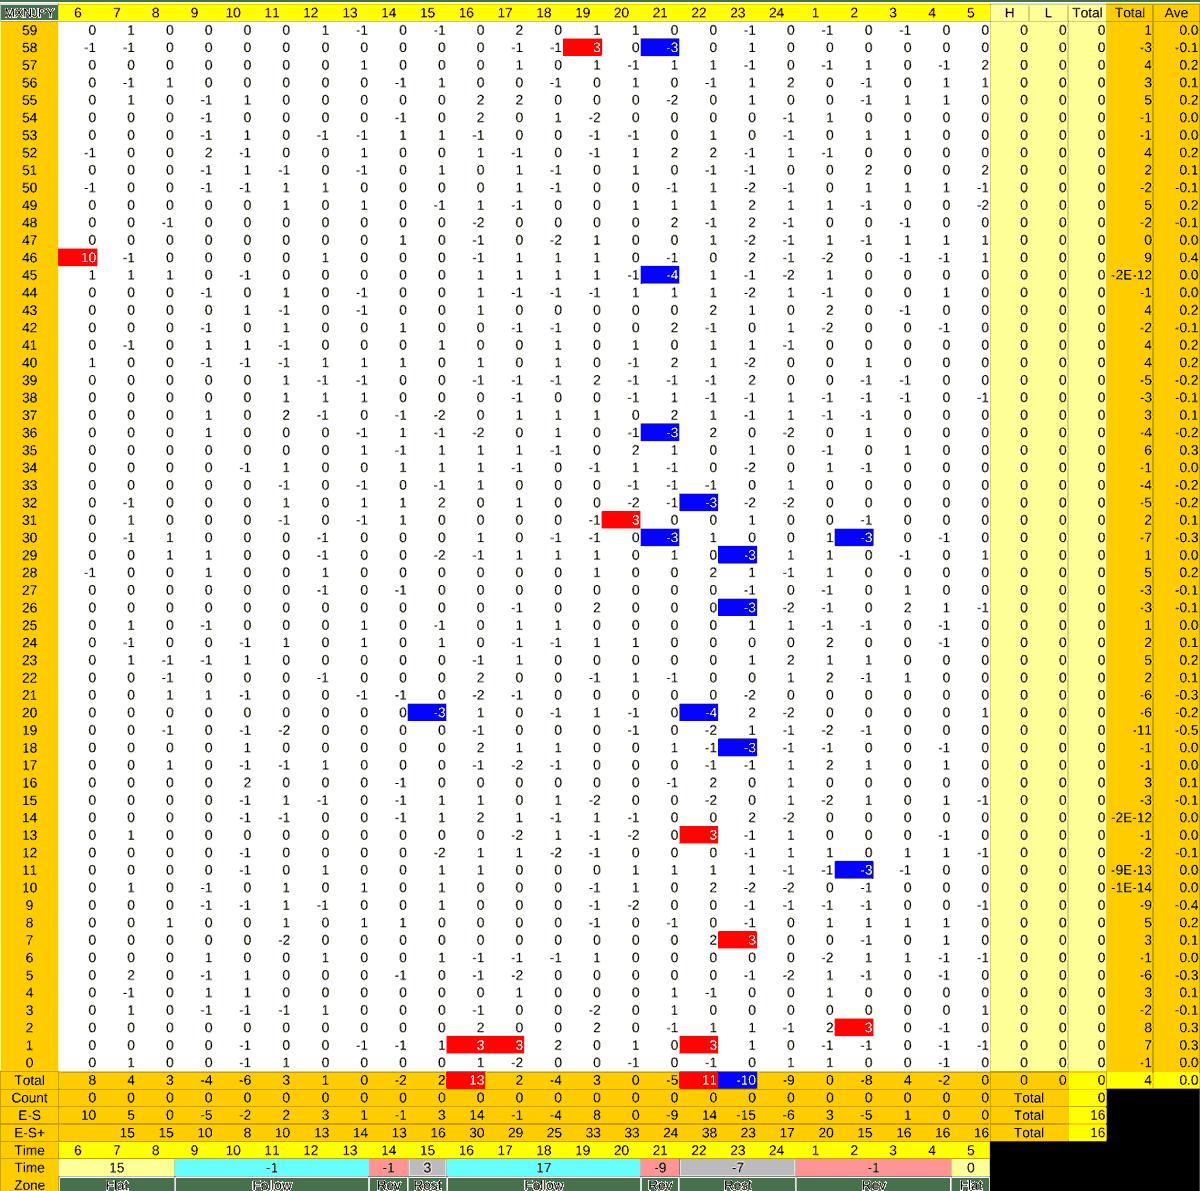 20210729_HS(3)MXNJPY-min